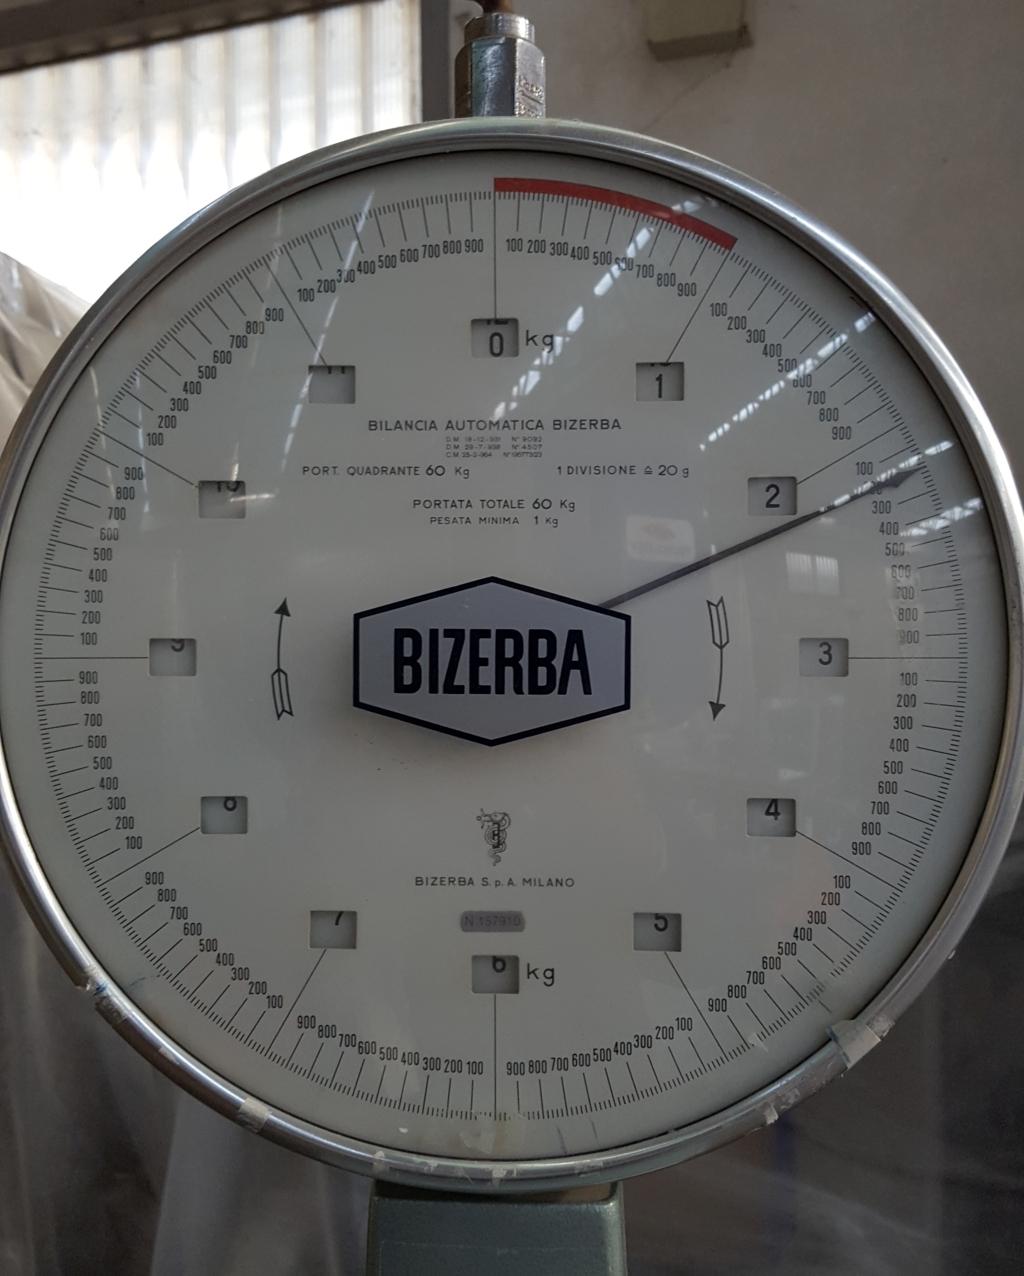 BILANCIA DA PAVIMENTO – BIZERBA (COD. MF-PK-BIL-54) in vendita - foto 3